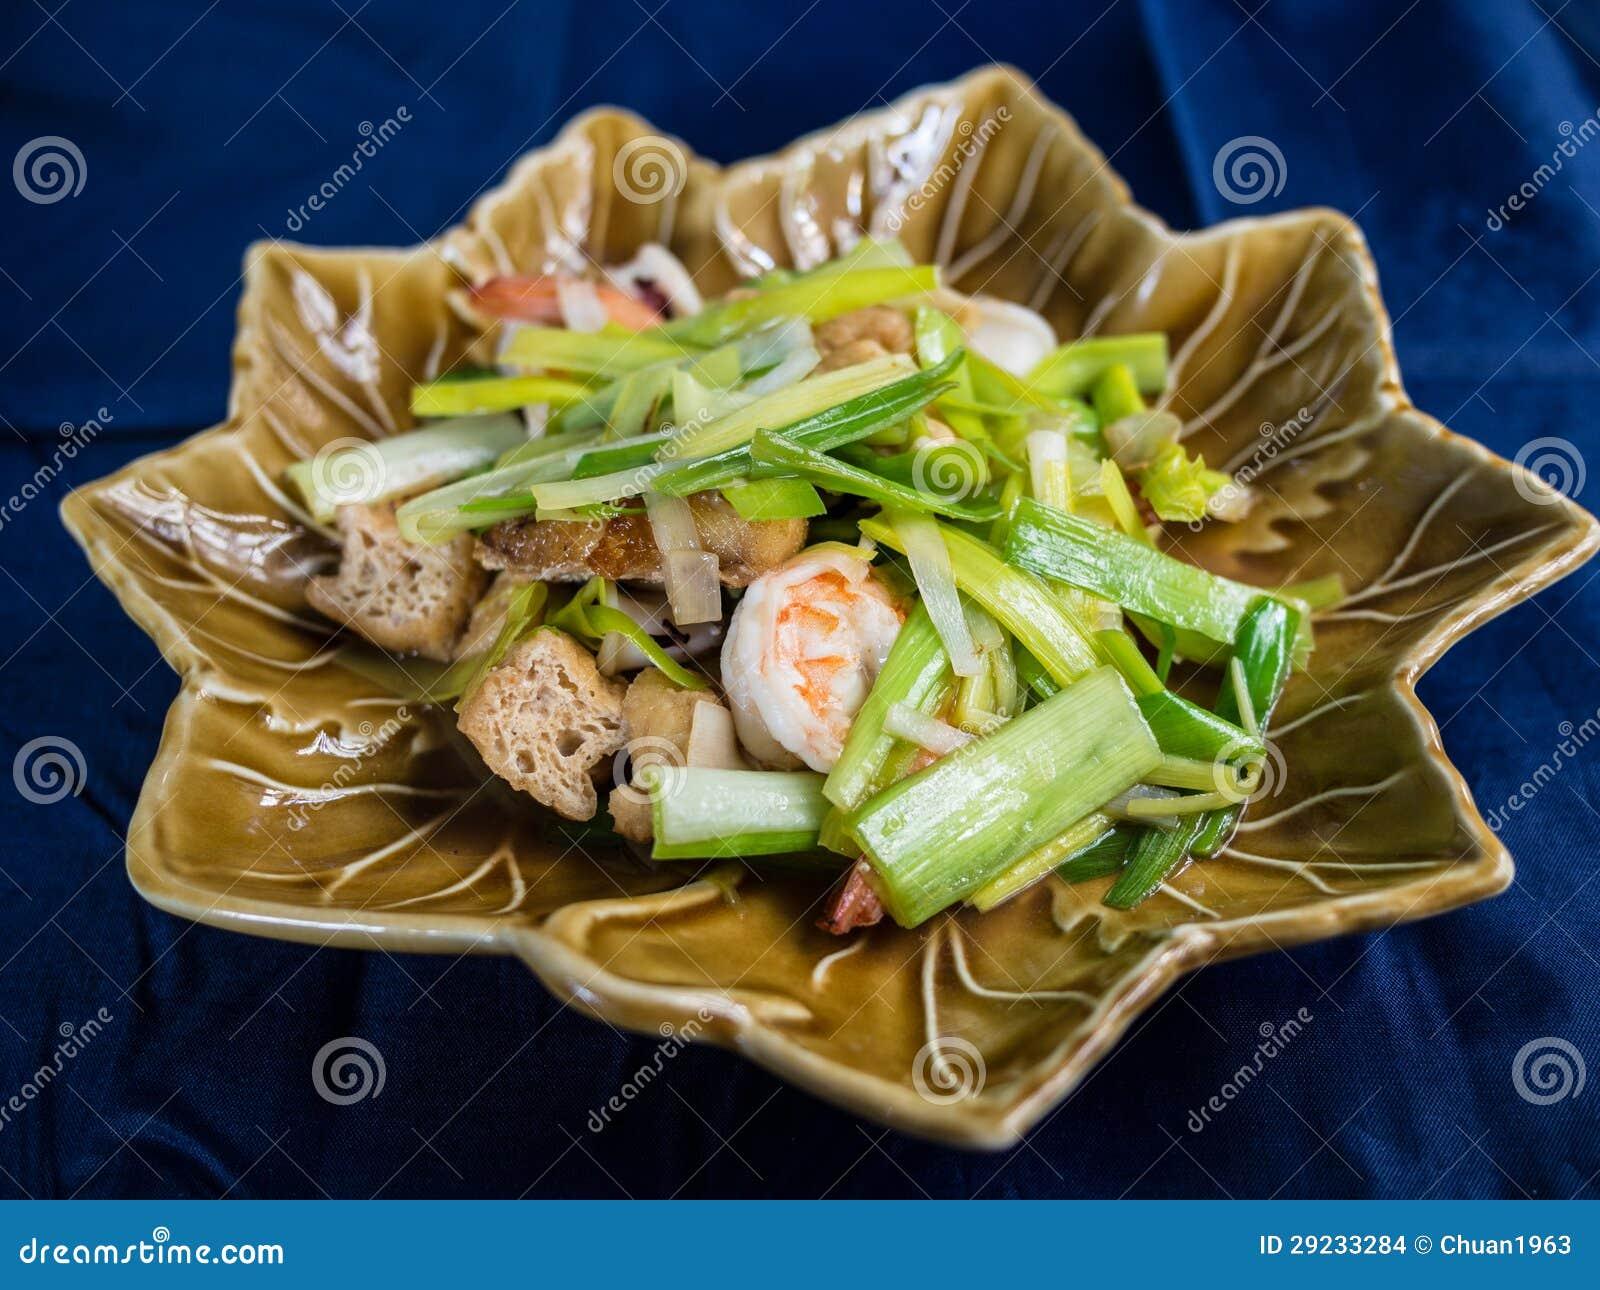 Download Única refeição chinesa foto de stock. Imagem de refeição - 29233284